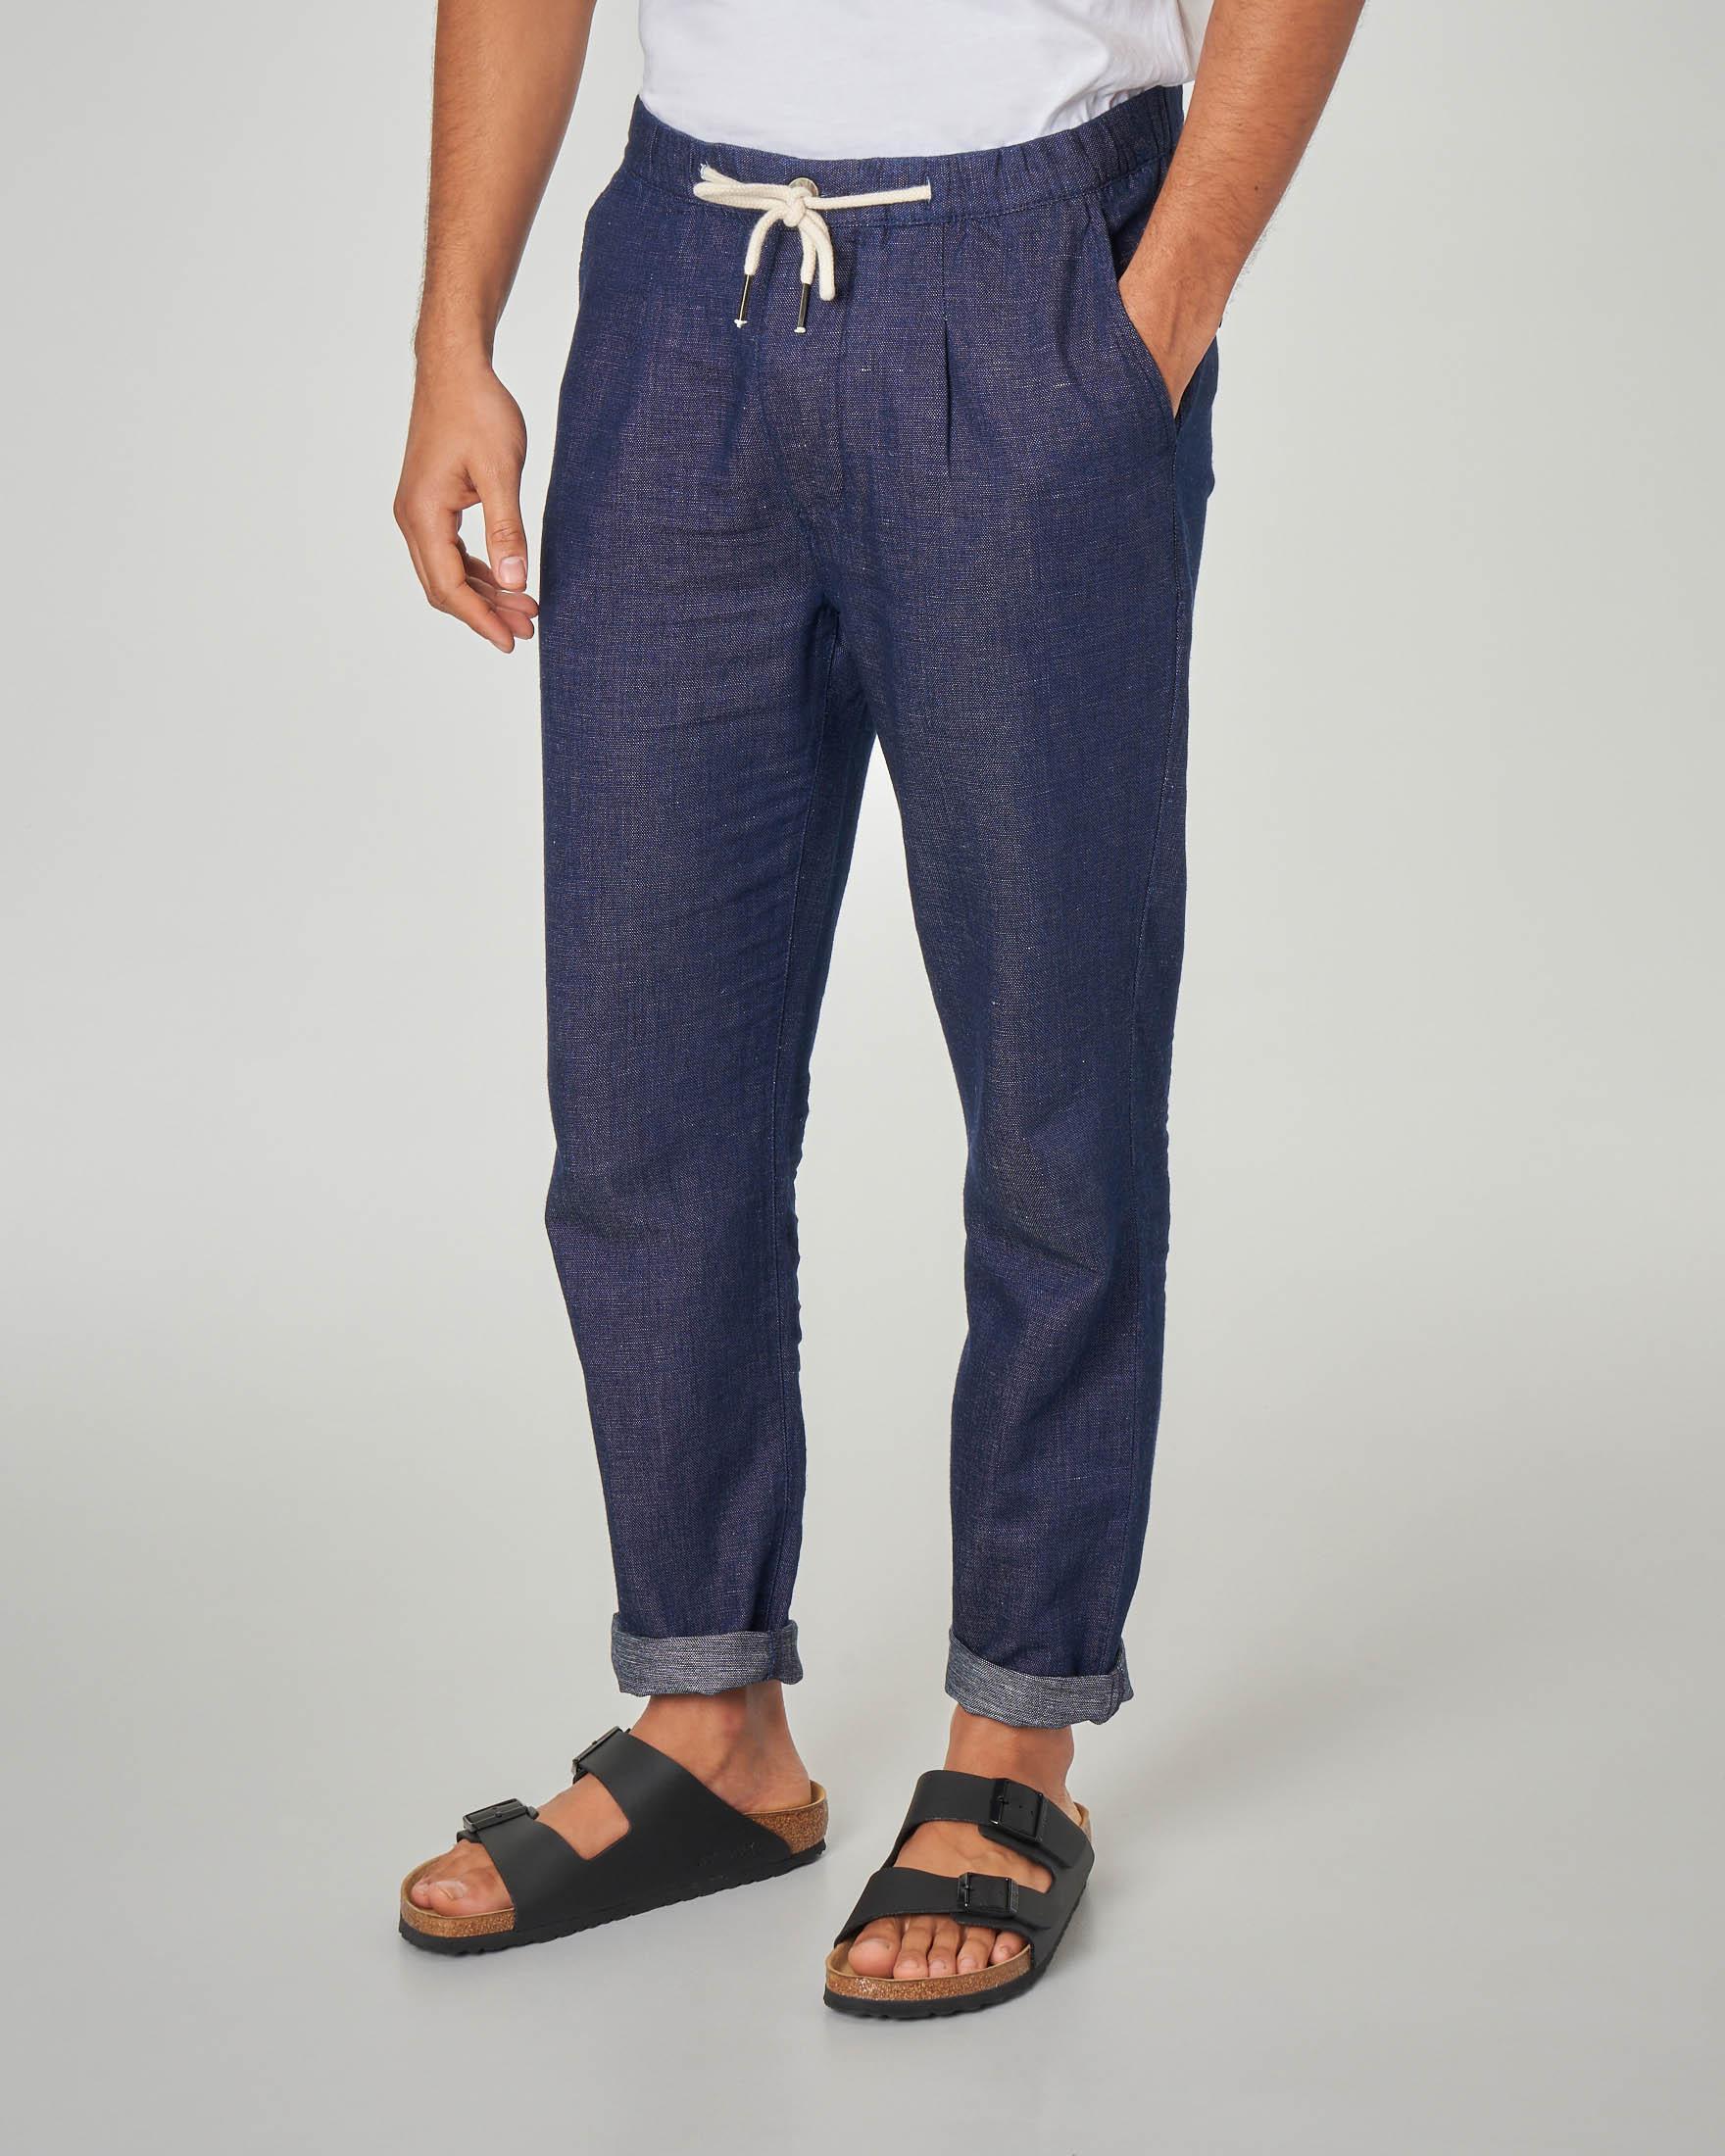 Pantalaccio blu effetto denim in cotone e lino